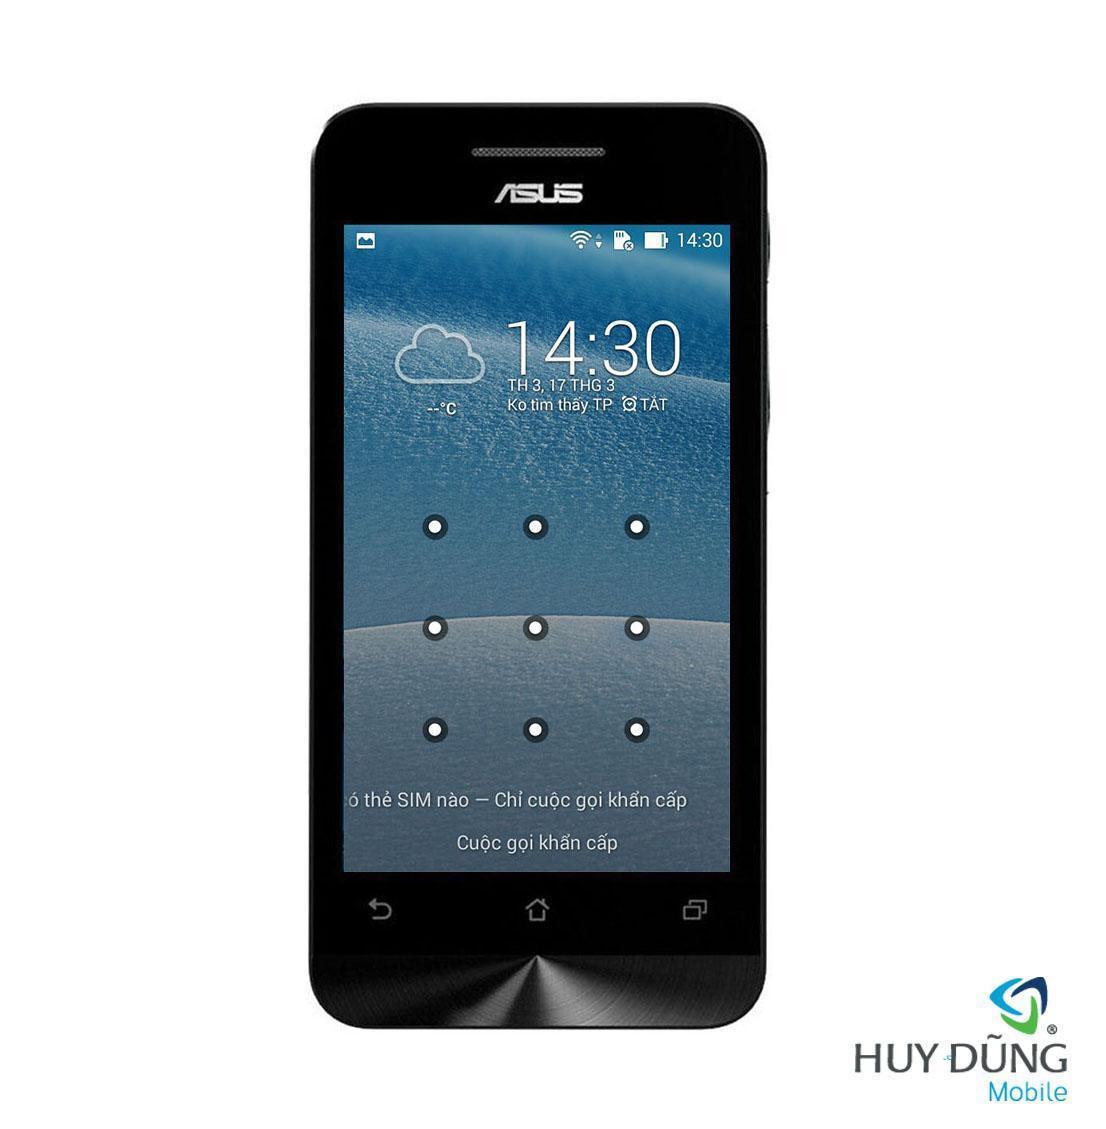 Trung tâm Mở khóa mật khẩu màn hình Asus Zenfone - Remove password chữ số, hình vẽ uy tín tại HCM